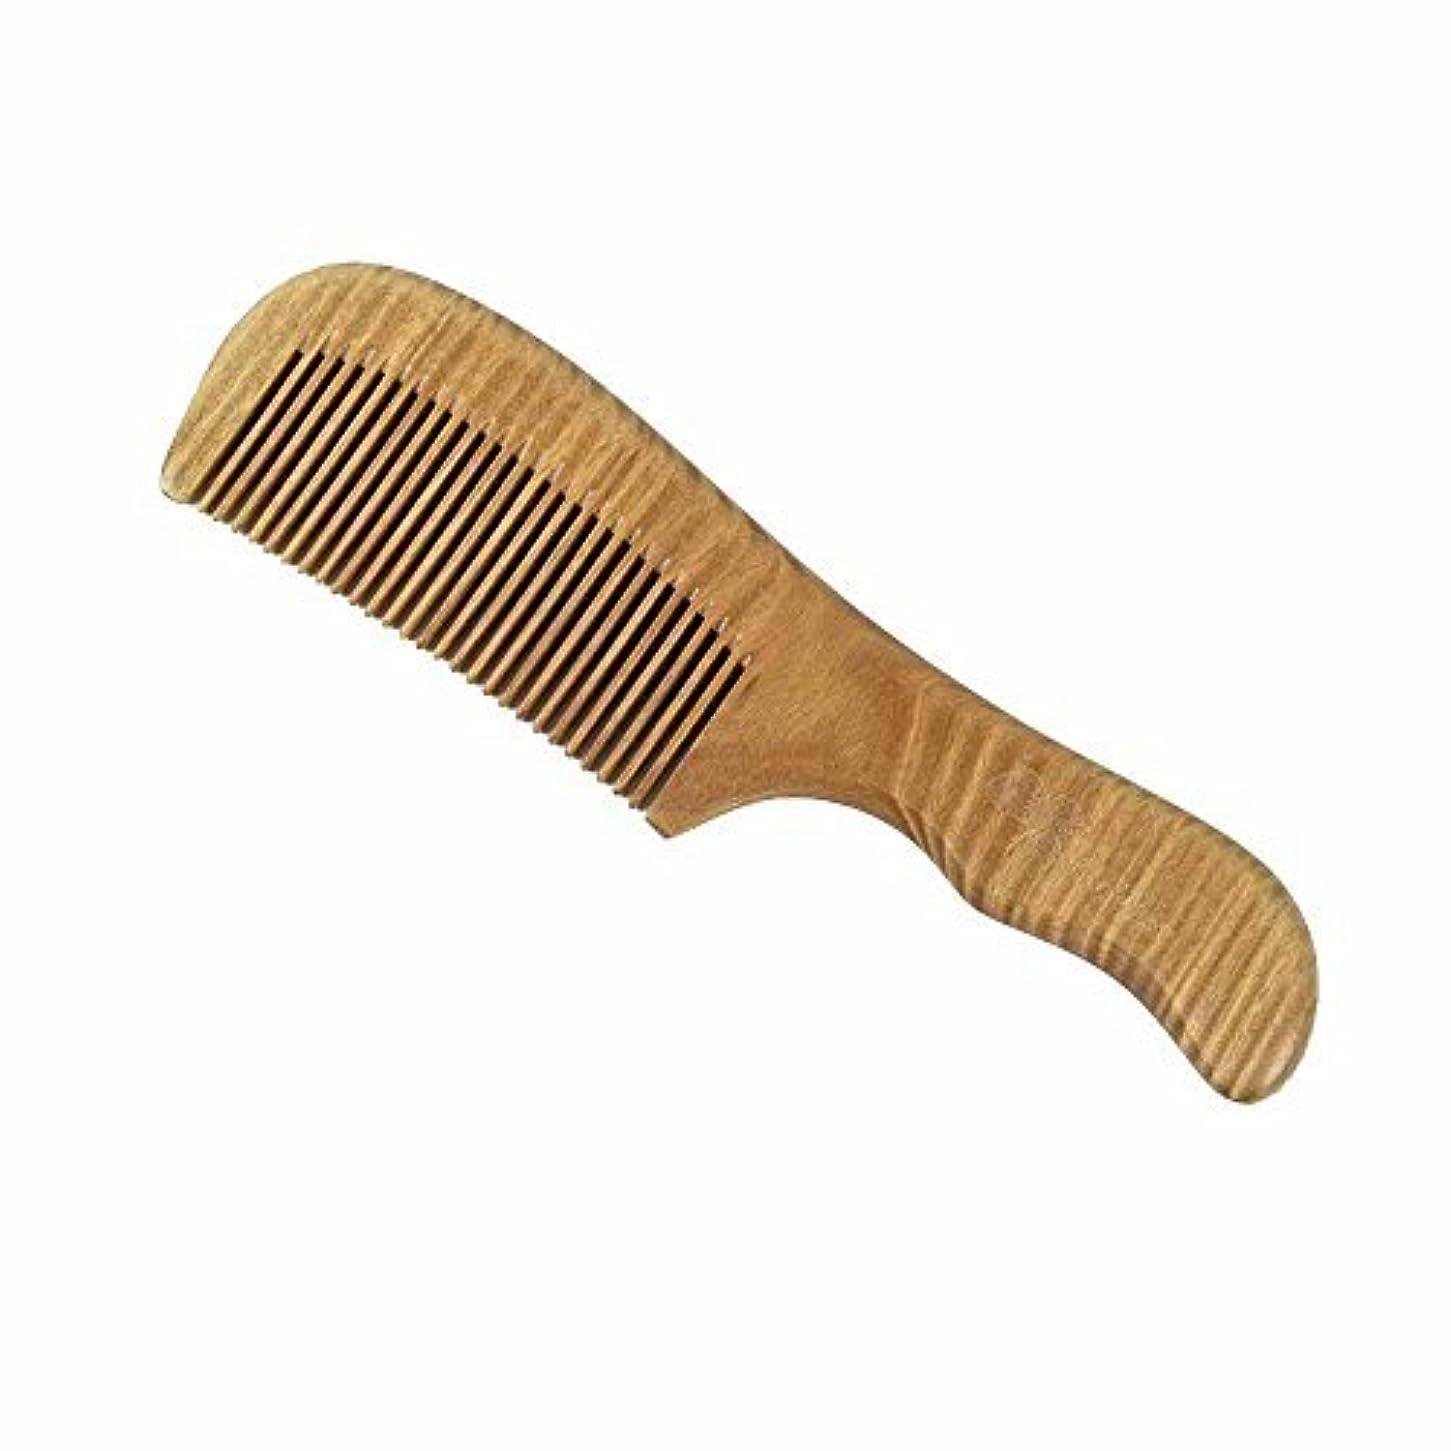 屈辱する排除シャーロックホームズWooden Hair Brush, by GoWoo, Fine Tooth, Detangling, Natural and Handmade, for Men and Women, From Earth to Earth...